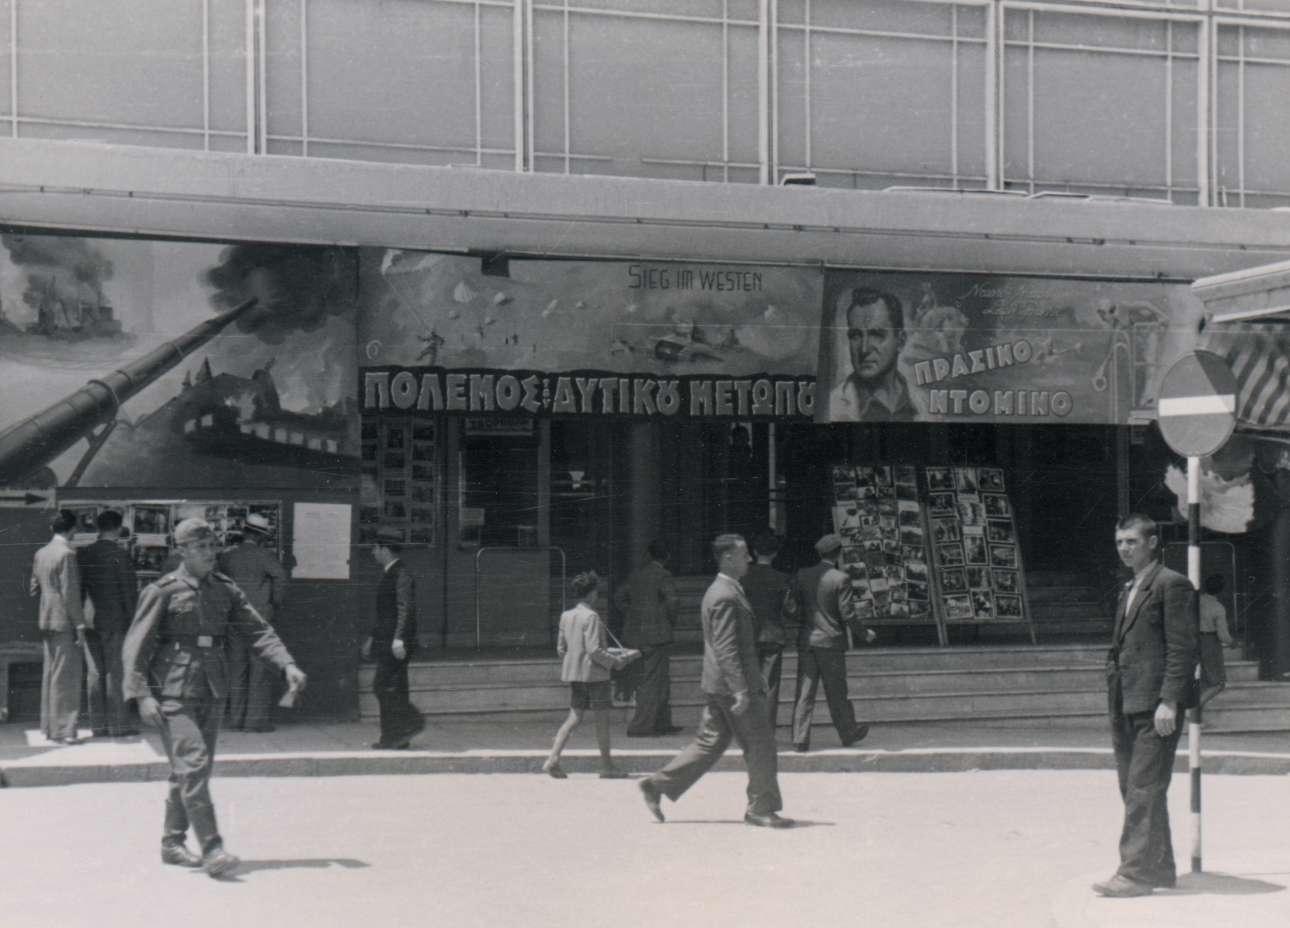 Ο κινηματογράφος Κρόνος στην Αθήνα. Η λήψη είναι του Ερνστ Γκρούνβαλντ